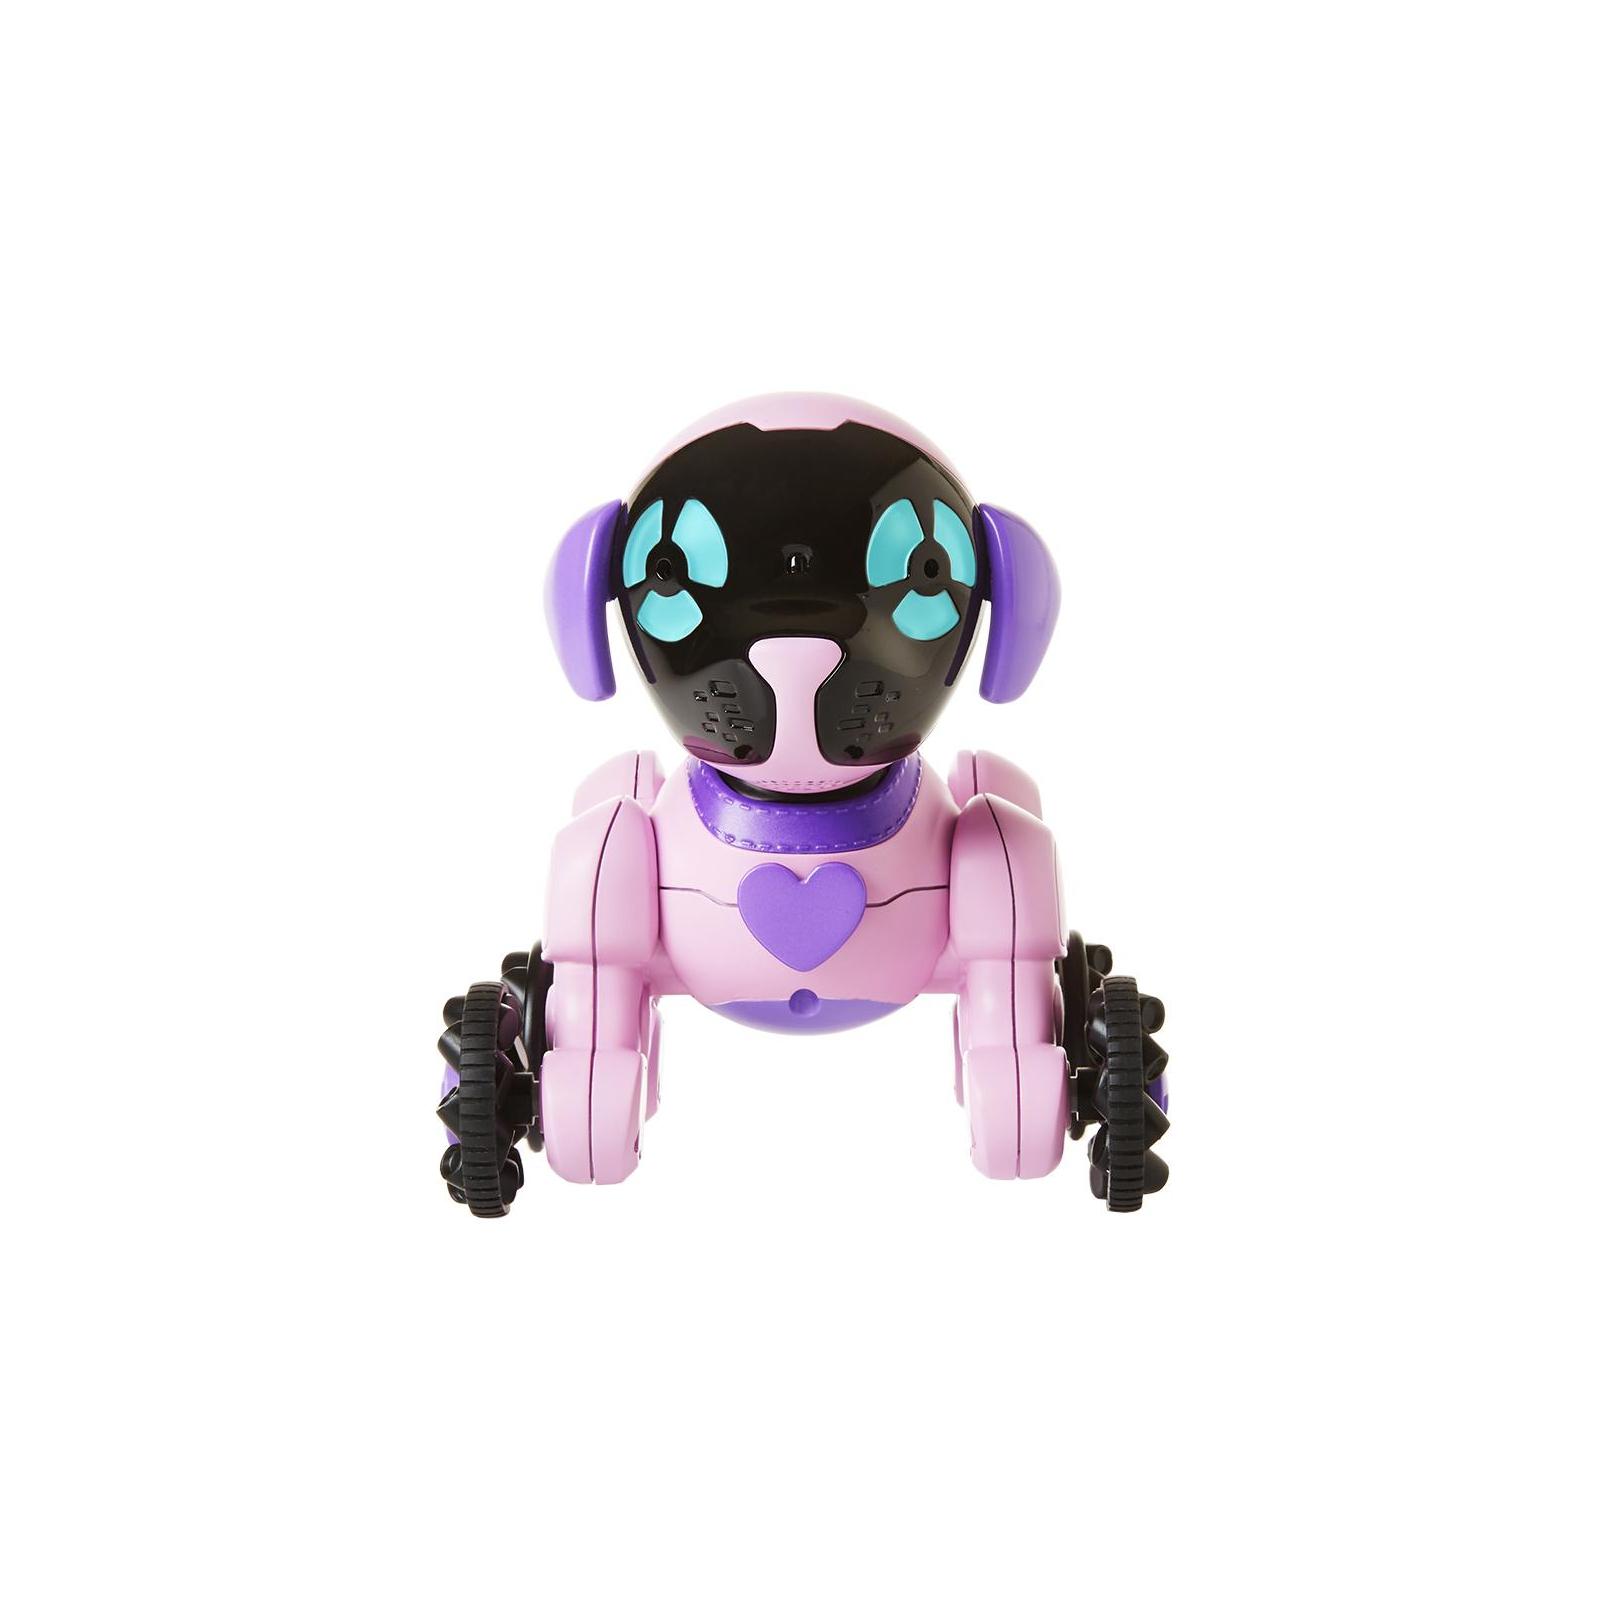 Интерактивная игрушка WowWee Маленький щенок Чип розовый (W2804/3817) изображение 3